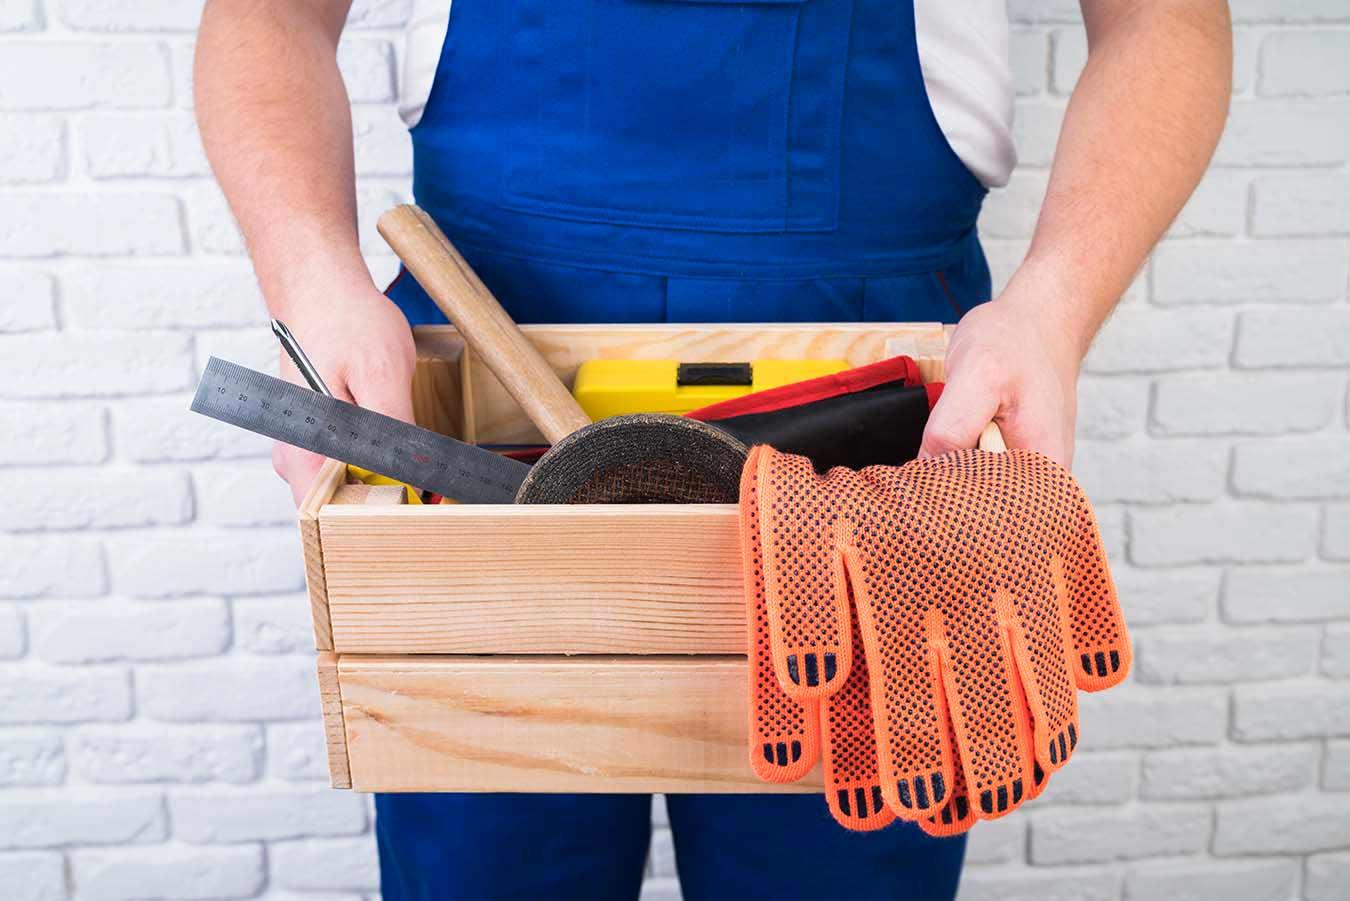 Pekerja sebaiknya dibekali peralatan masing-masing, via freepik.com